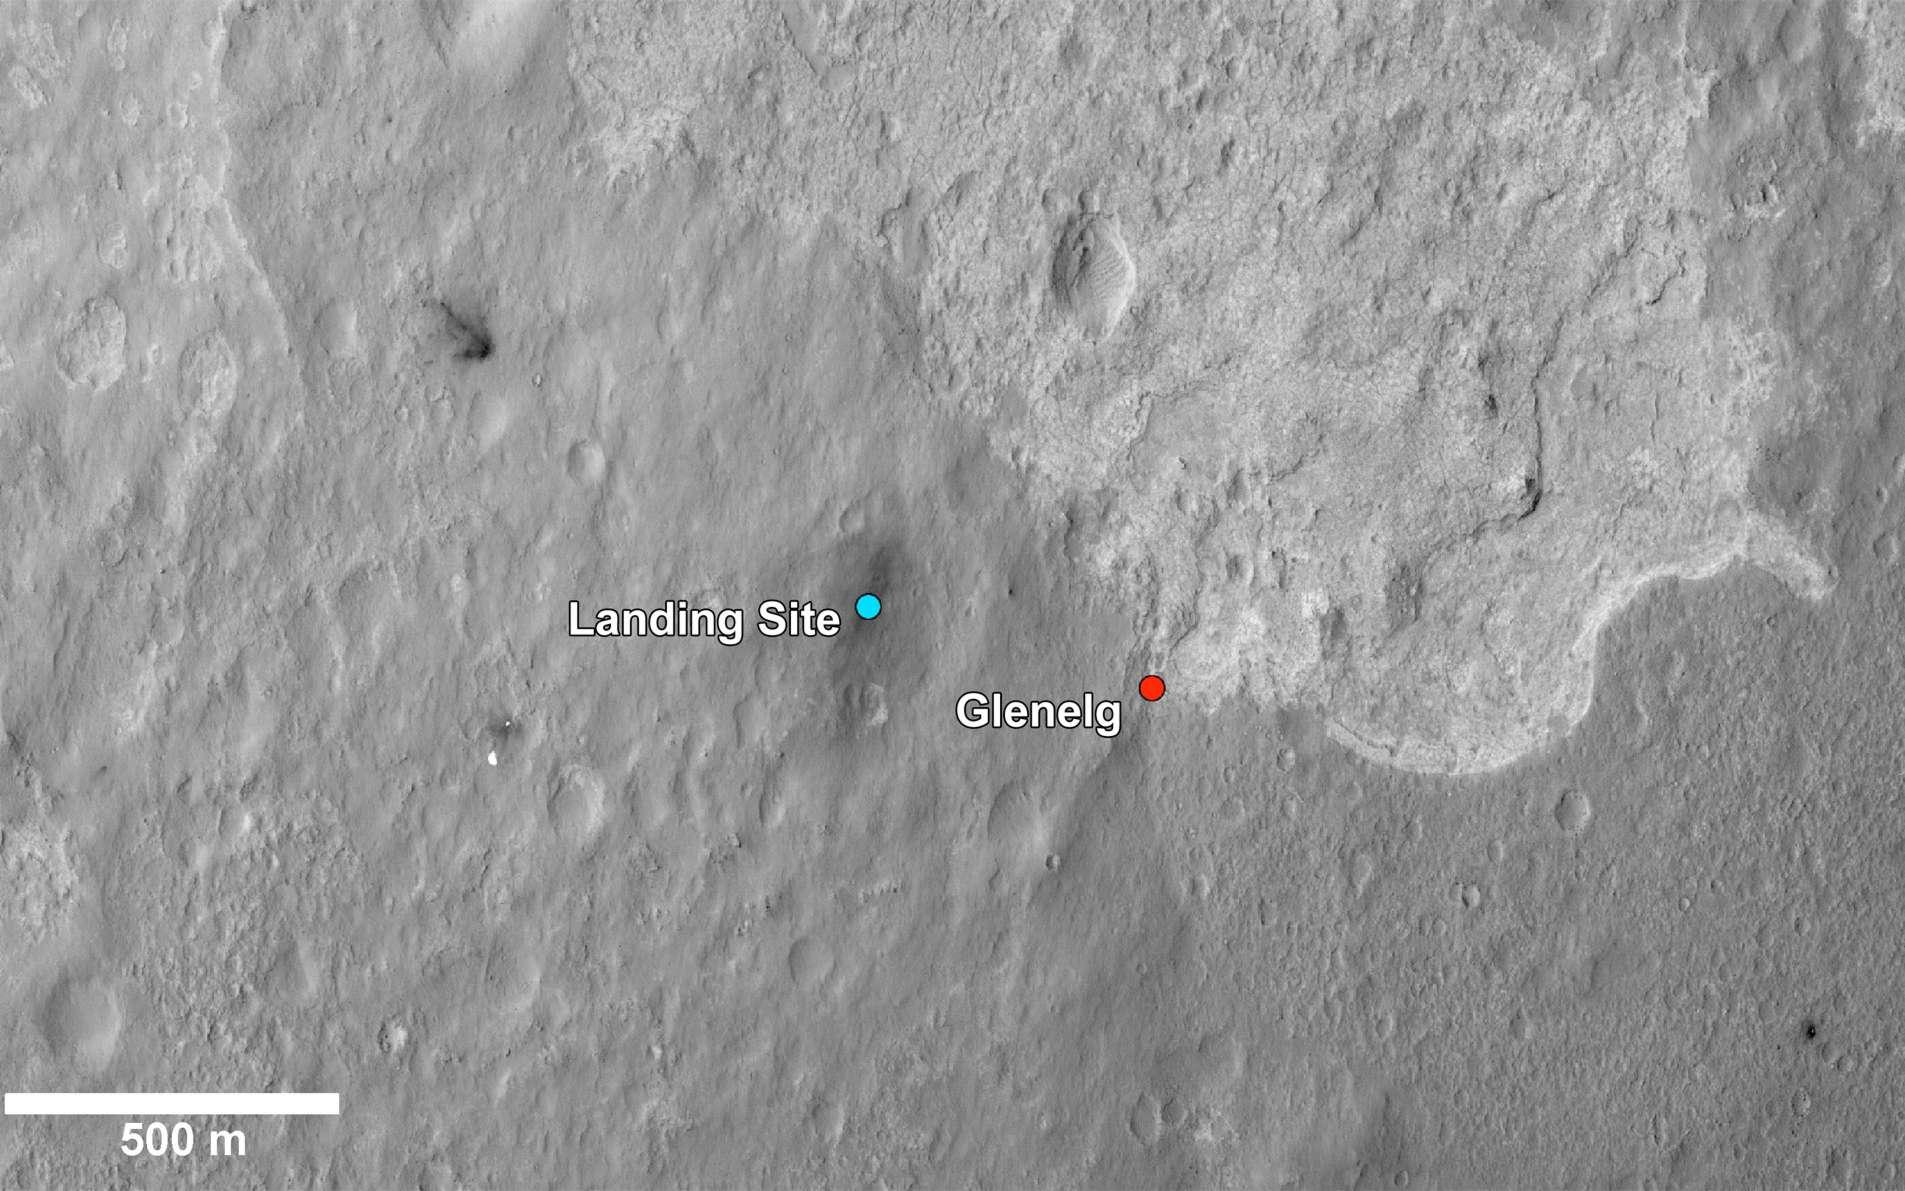 Comme le montre très bien cette vue prise depuis l'orbite martienne, Glenelg se situe à la jonction de trois sites géologiques différents. Le retour scientifique pourrait être des plus intéressant. © Nasa/JPL-Caltech/Univ. of Arizona